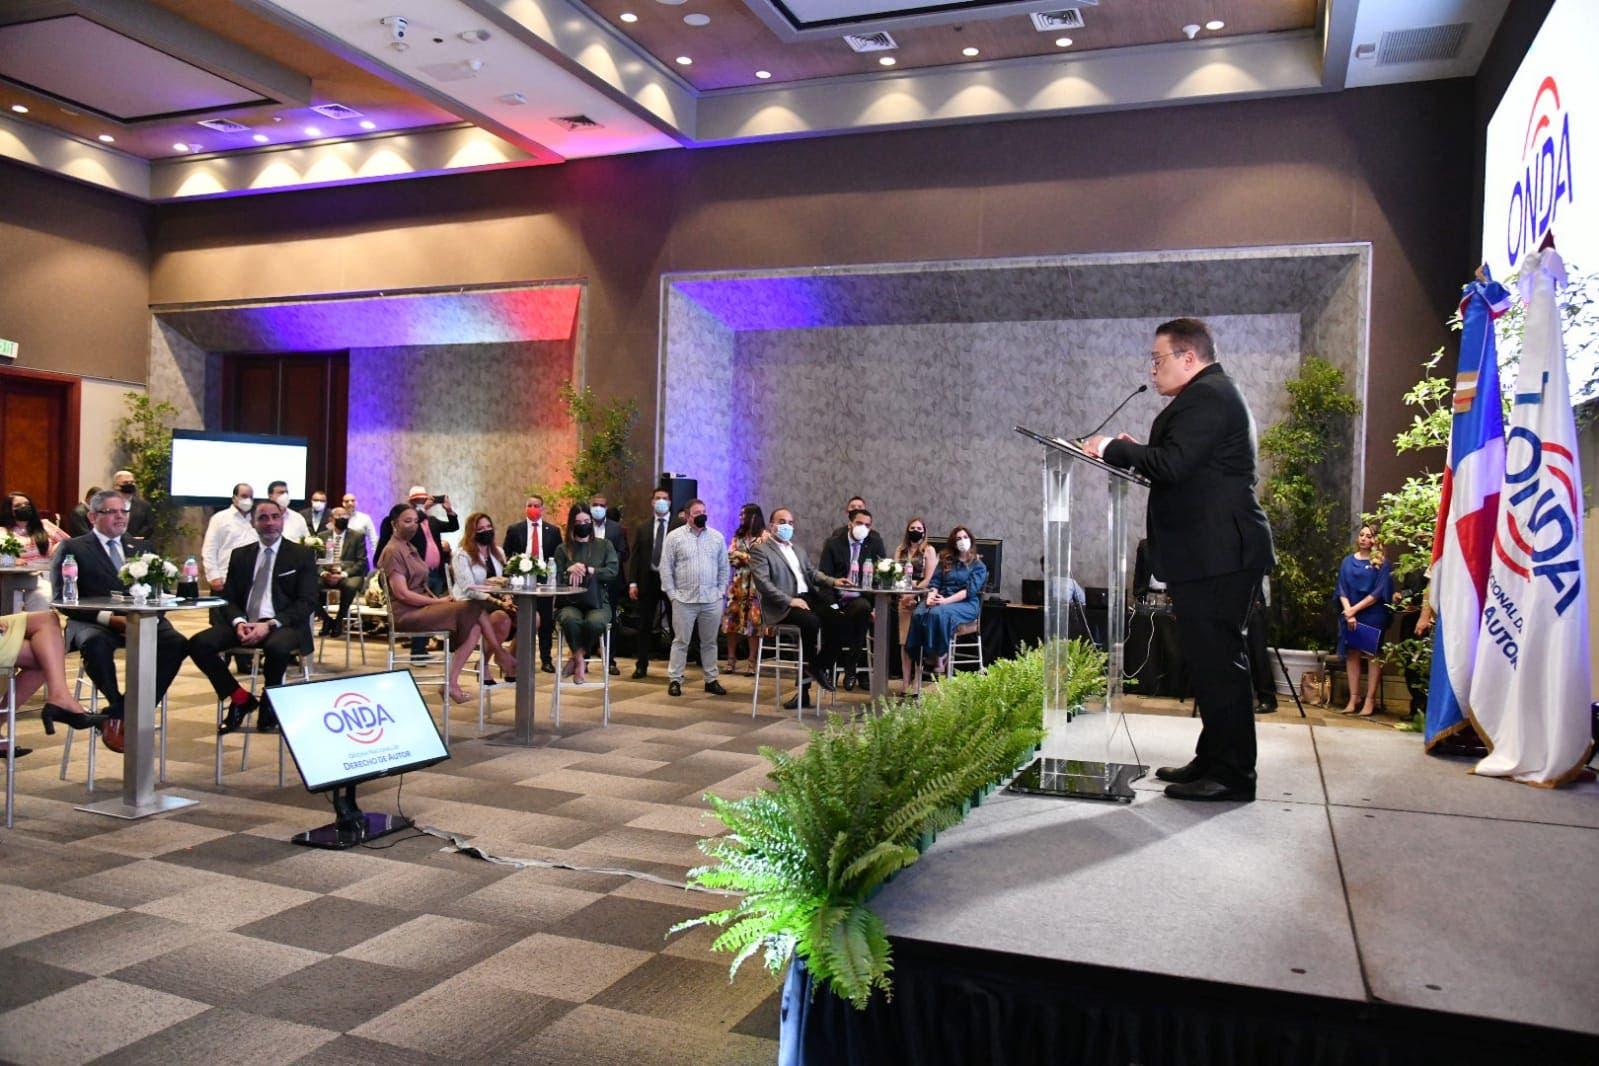 La ONDA lanza campaña educativa para promover importancia del Derecho de Autor